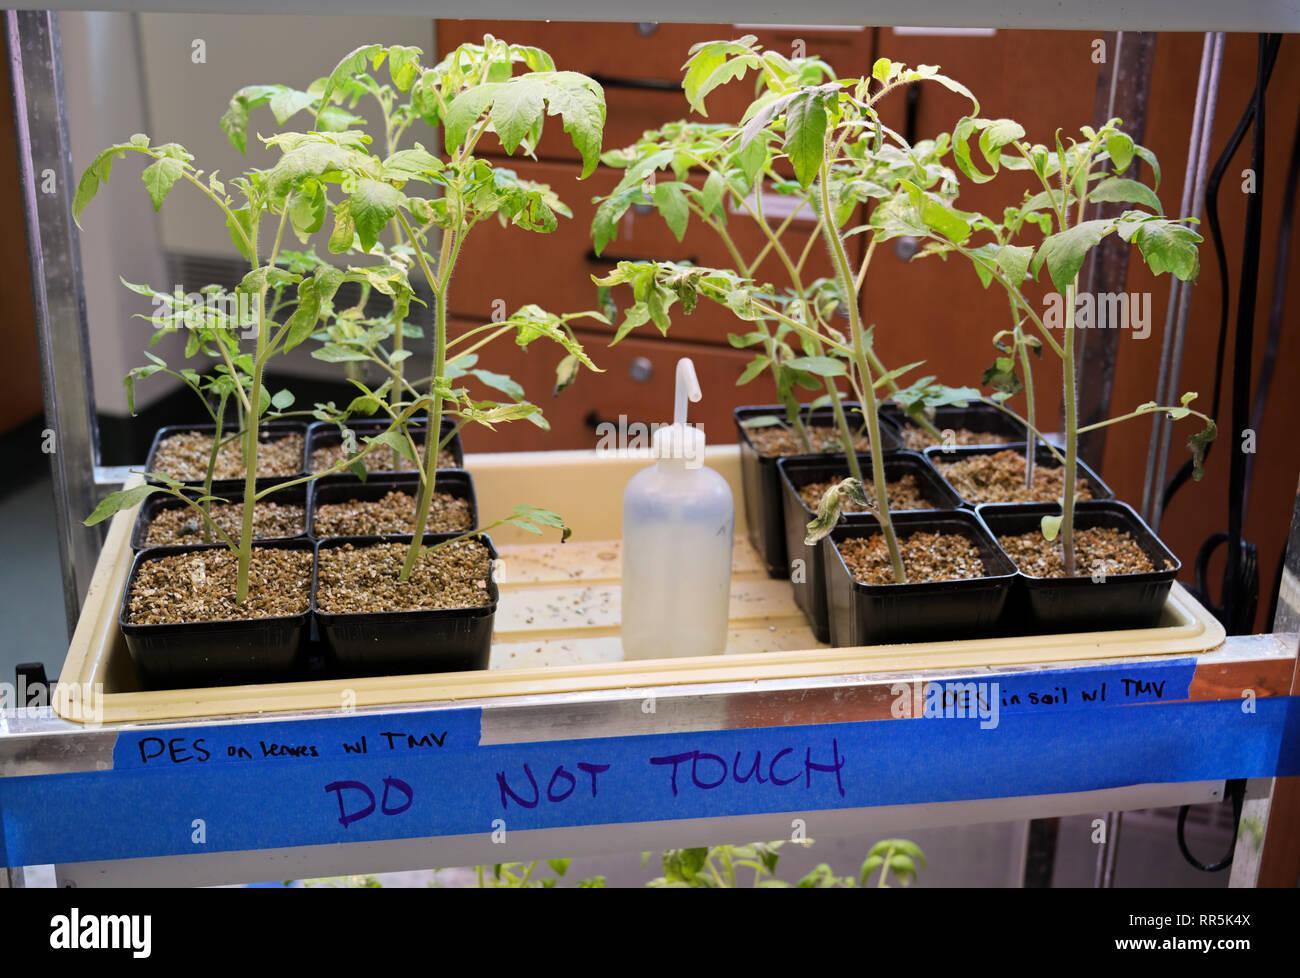 Experimentelle Pflanzen TMV Tobacco Mosaic Virus ausgesetzt unter vielfältigen ernährungsphysiologischen Bedingungen Stockbild